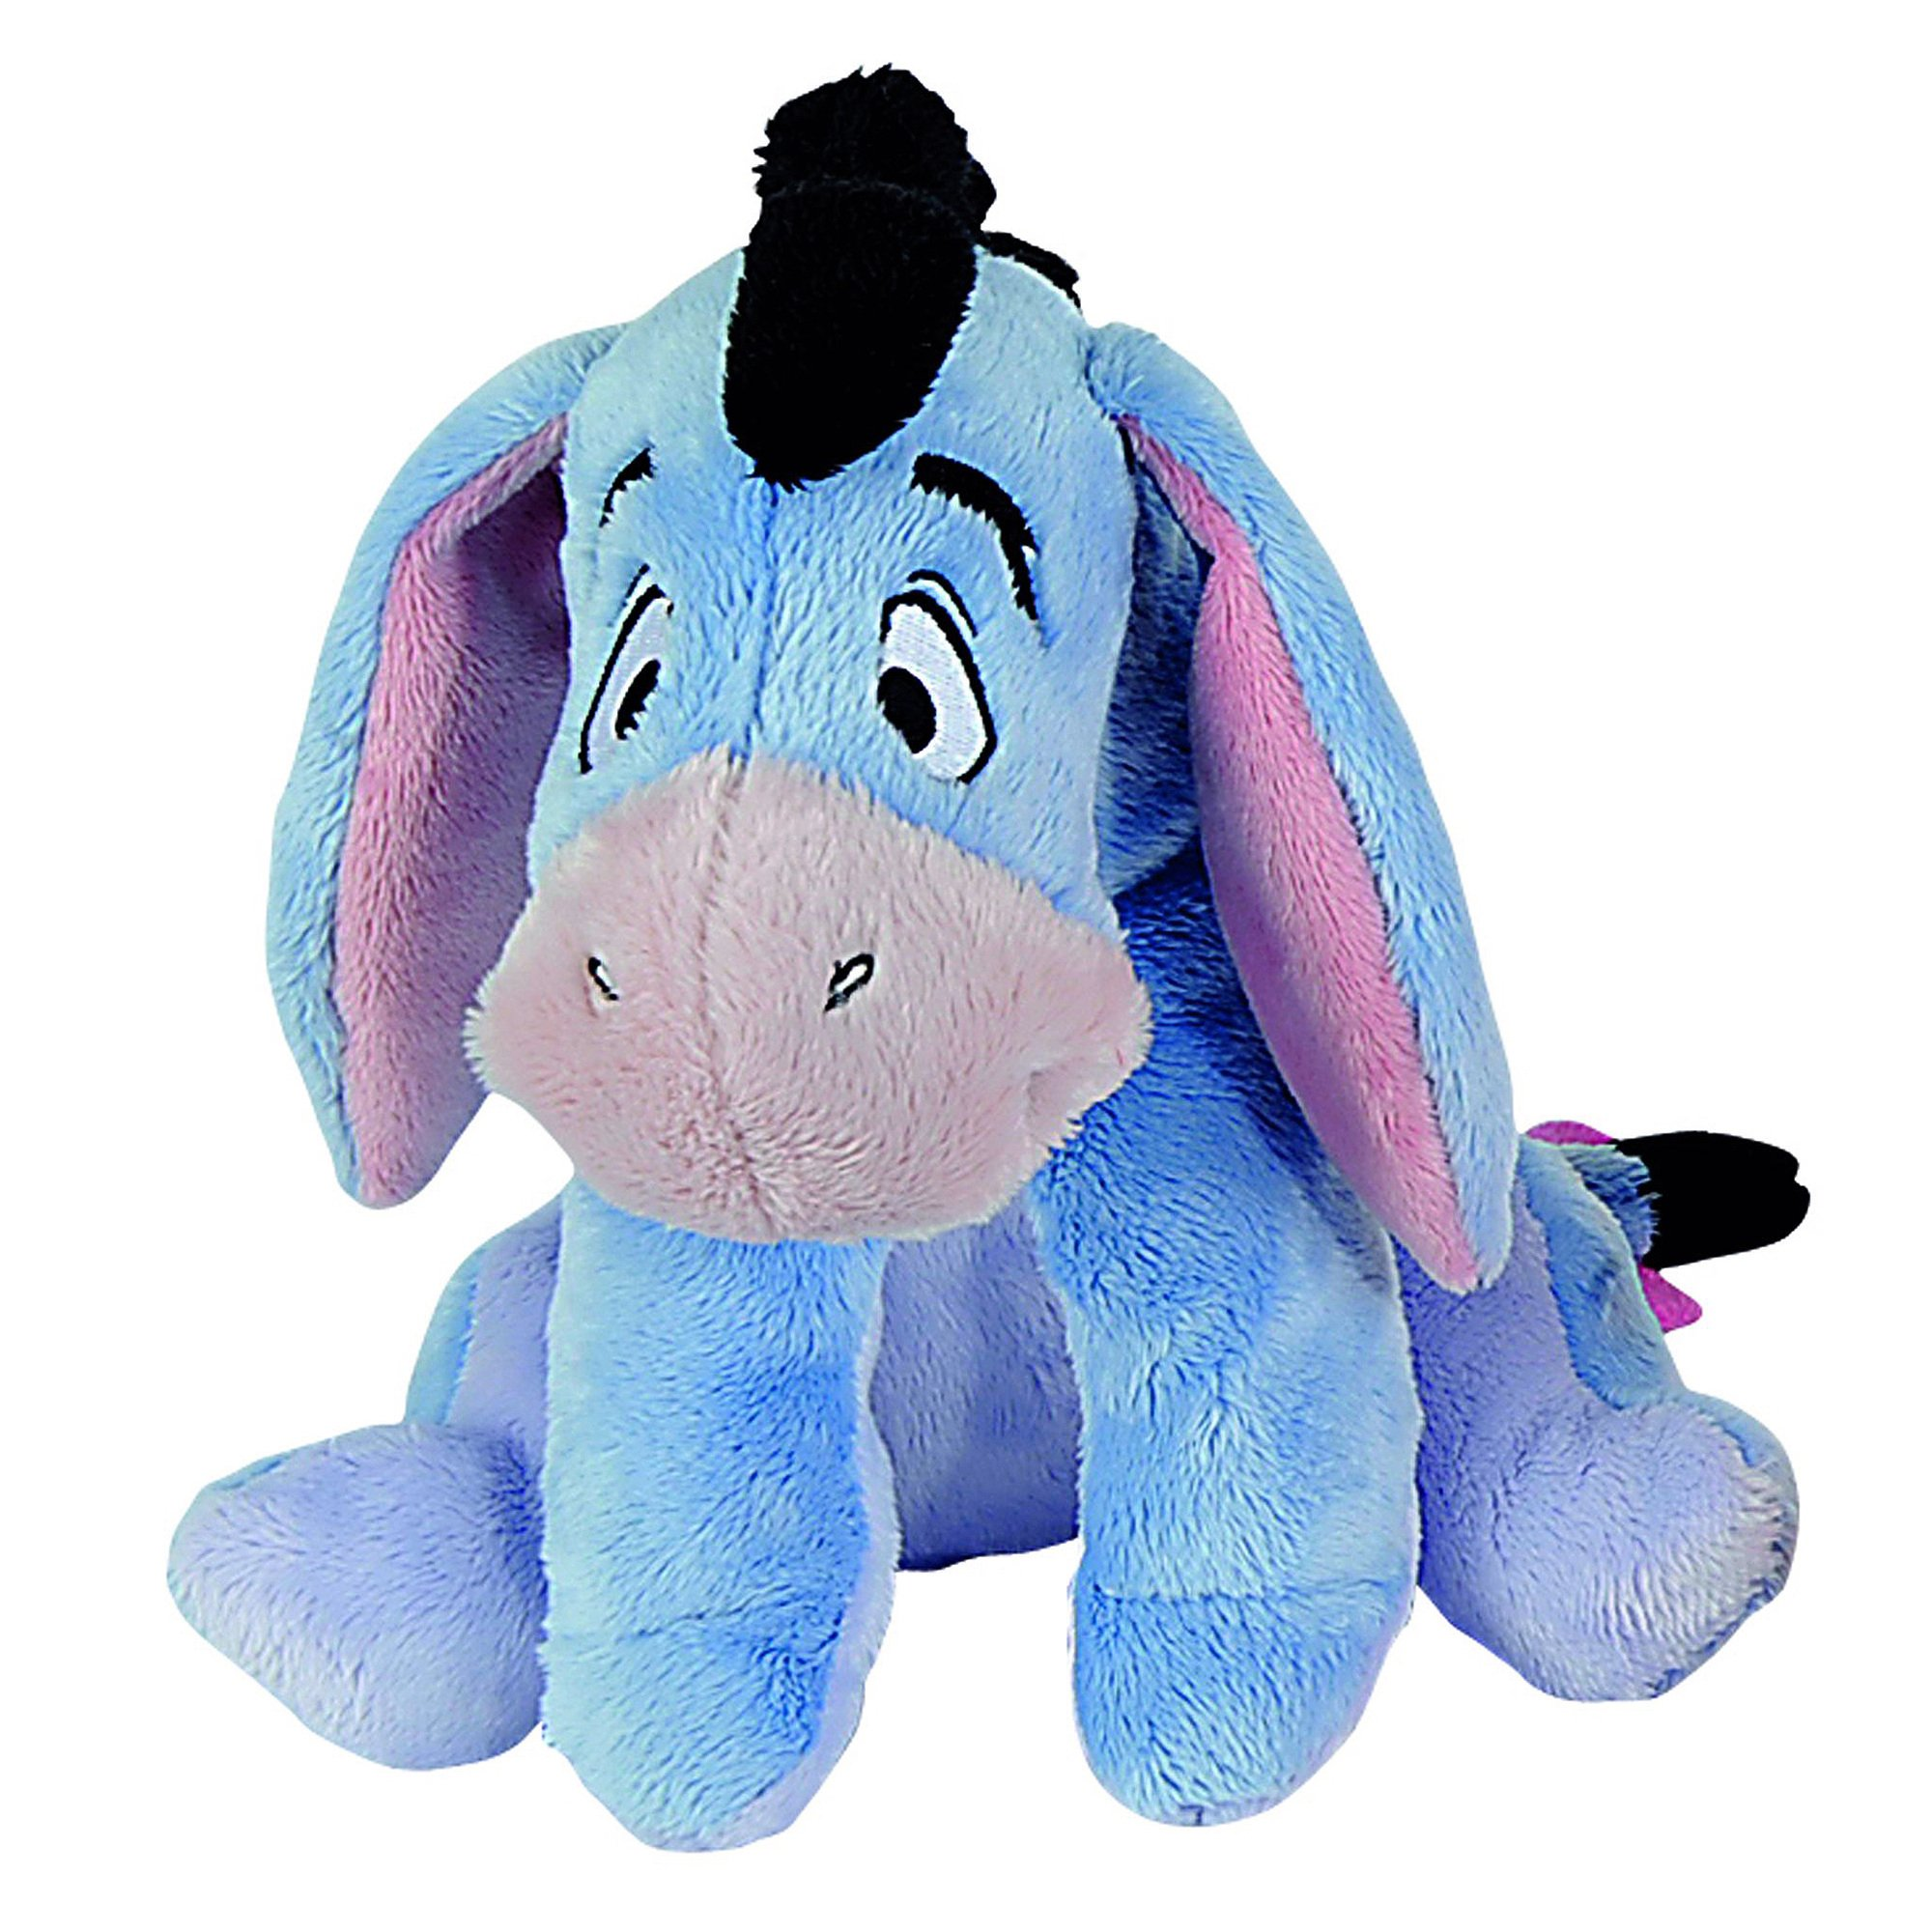 Мягкая игрушка - Ушастик, 20 см.Мягкие игрушки Disney<br>Мягкая игрушка - Ушастик, 20 см.<br>